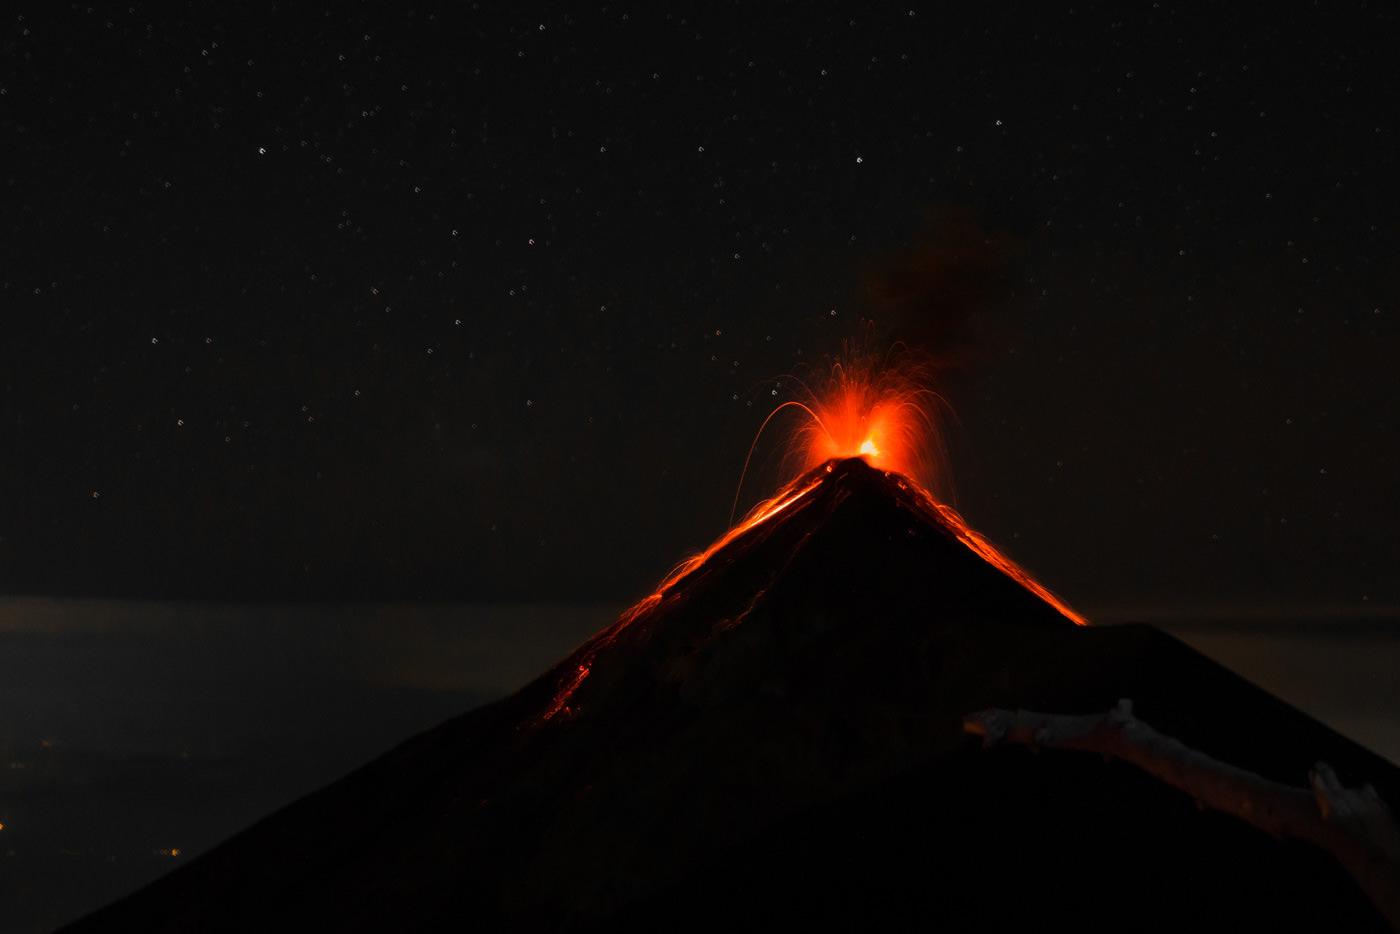 Ausbruch des Vulkan Fuego bei Nacht